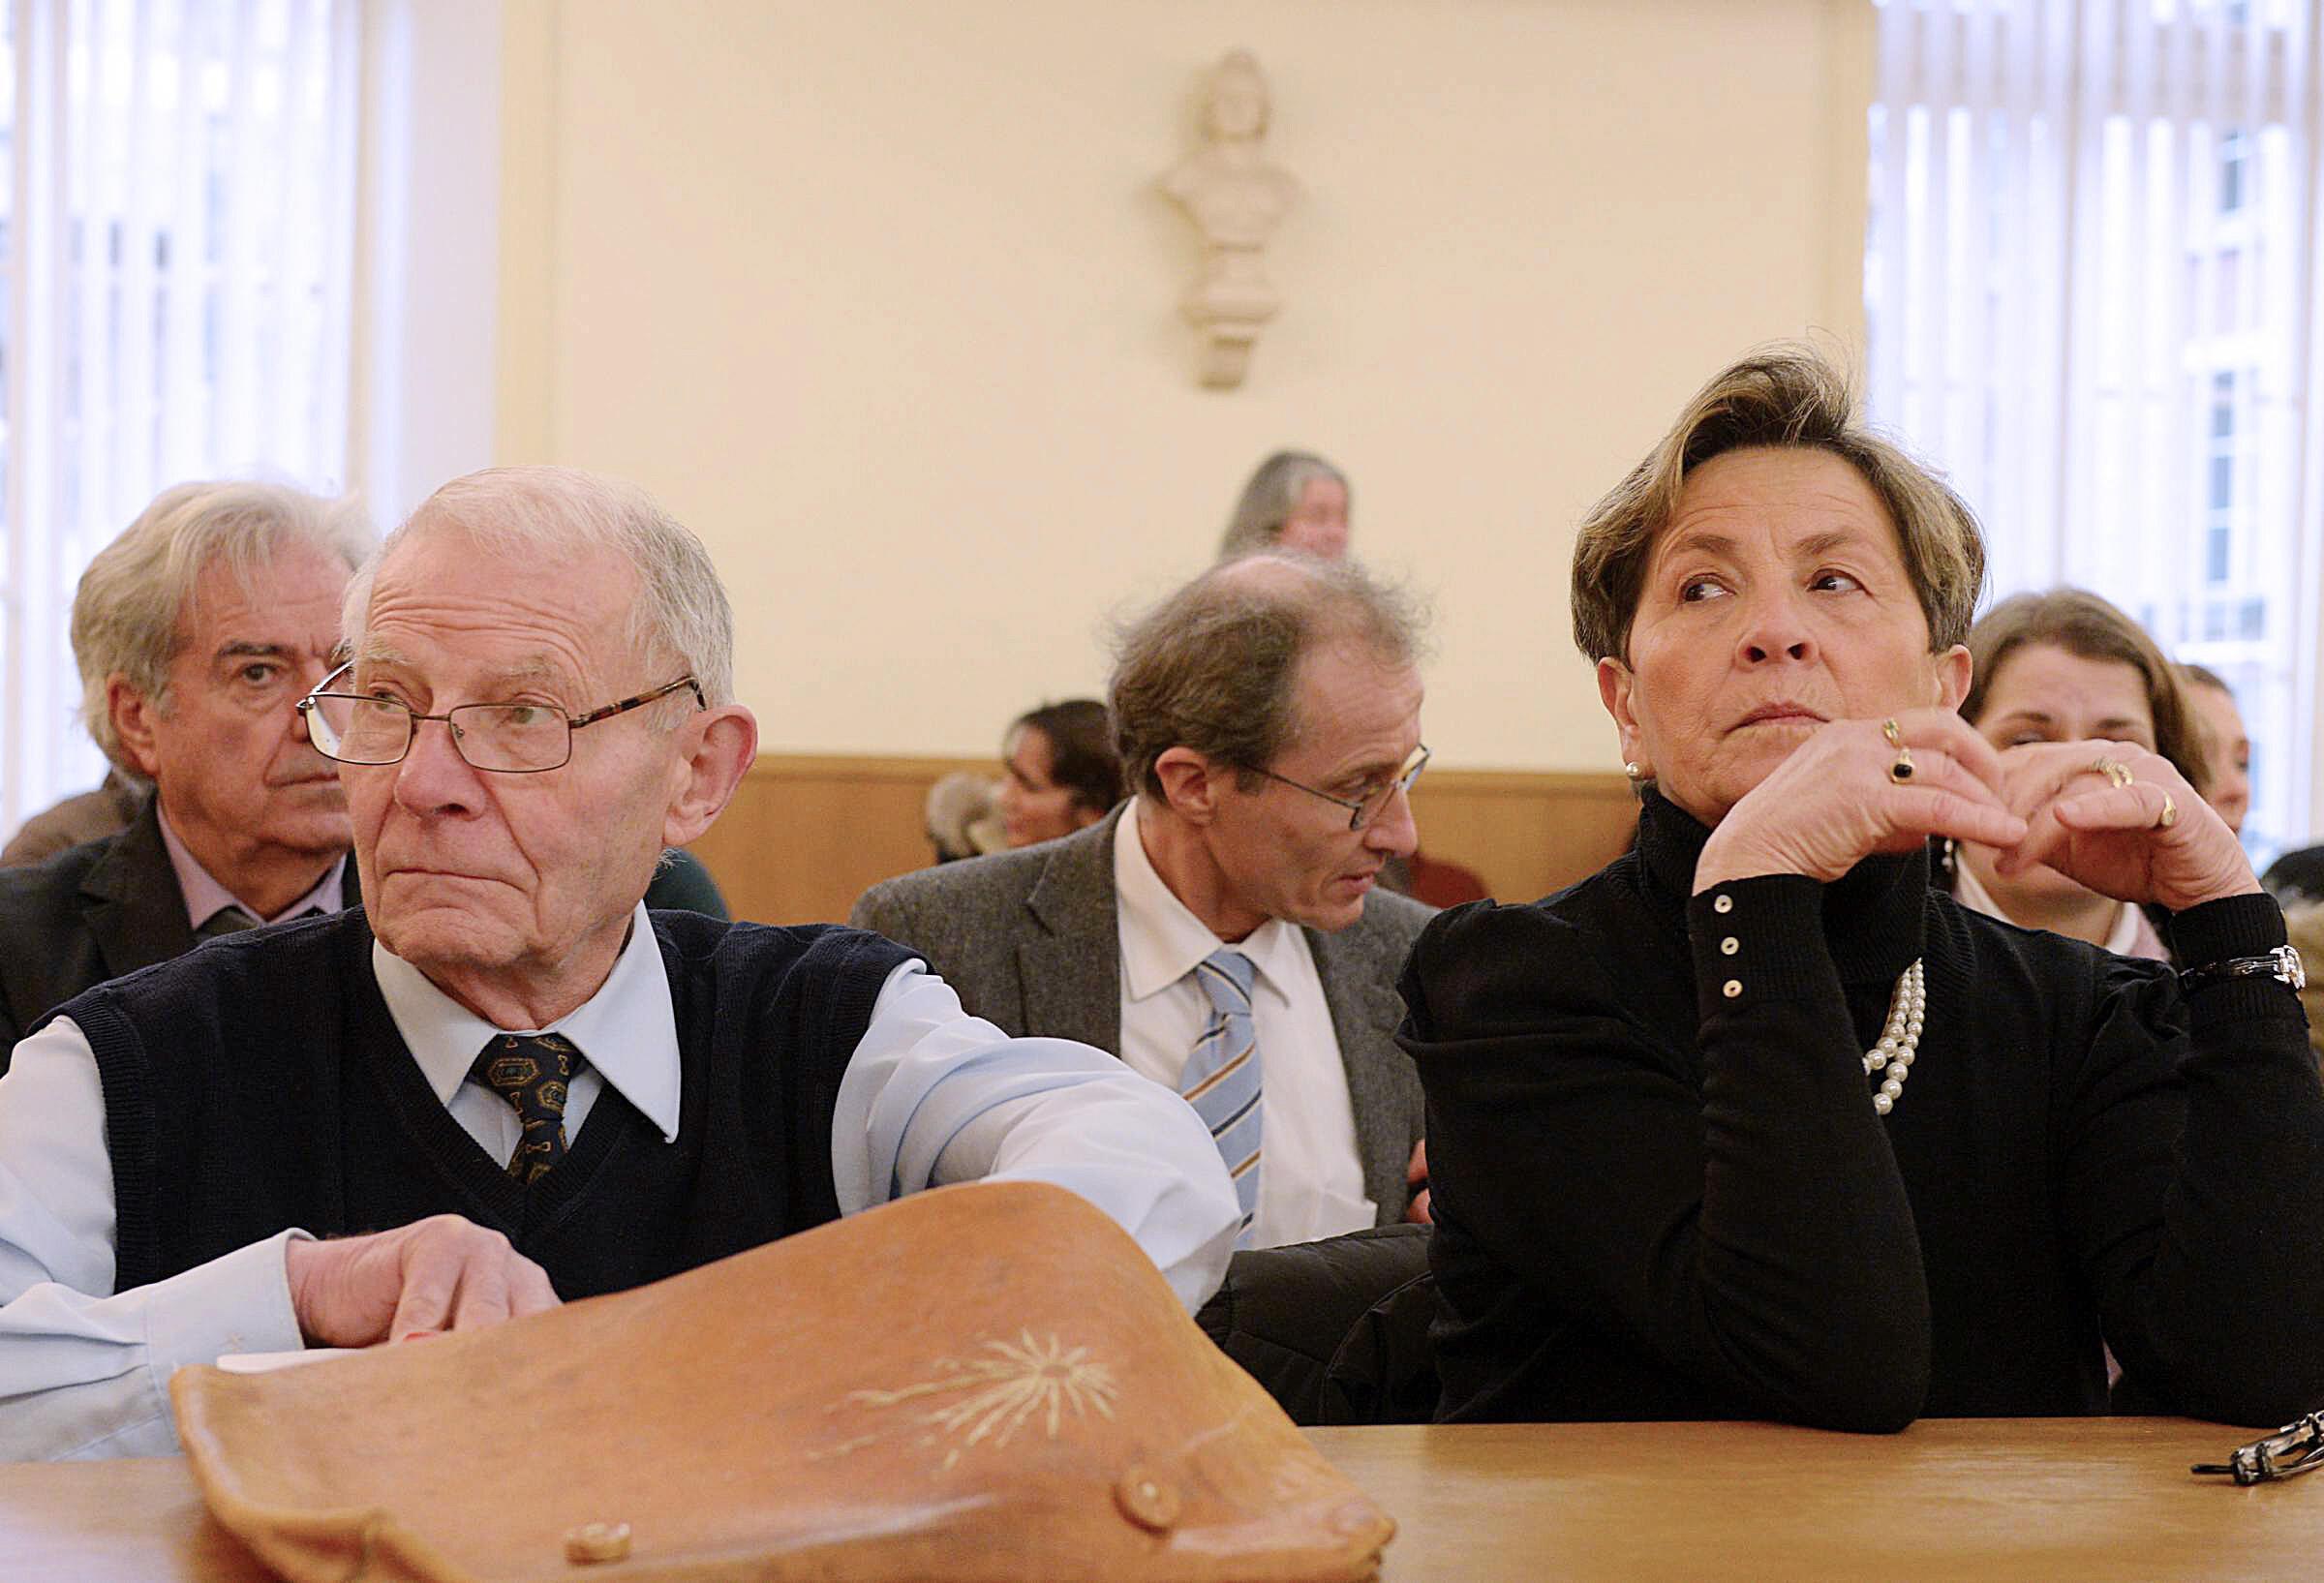 2014年1月15日,樊尚-朗贝尔的父母在法国北部某地行政法院听取相关裁决。